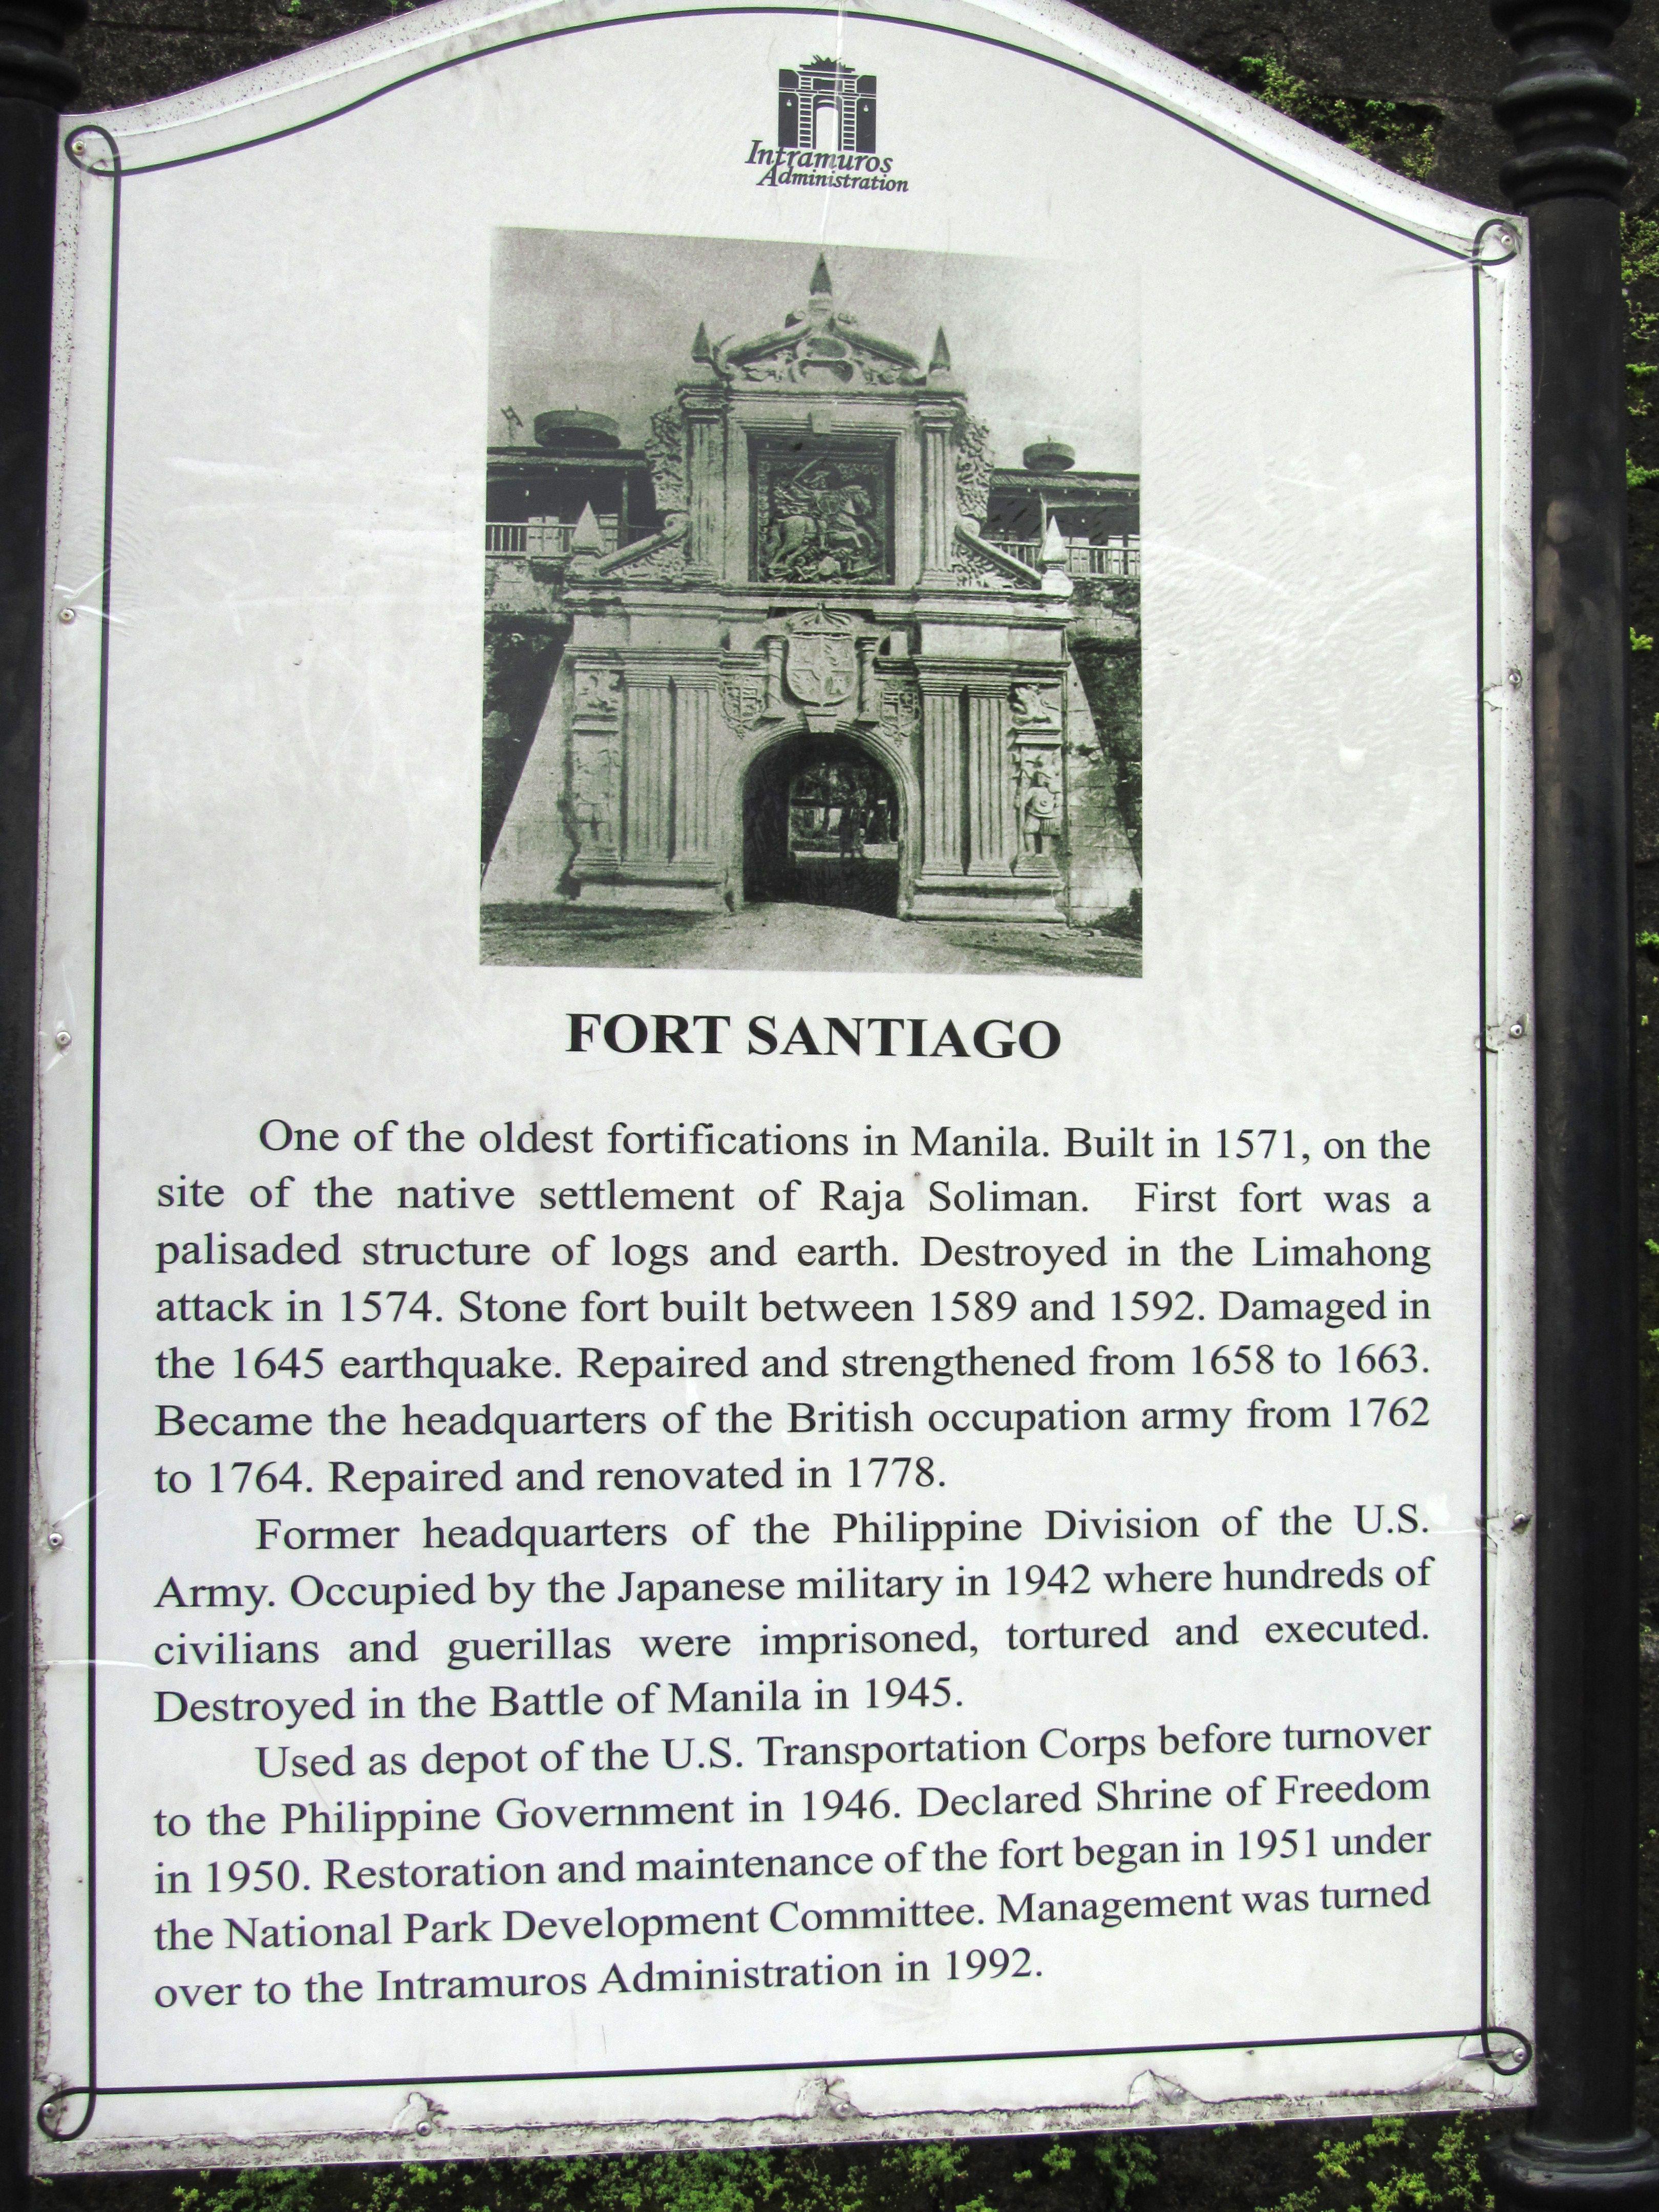 Historical marker for Fort Santiago.